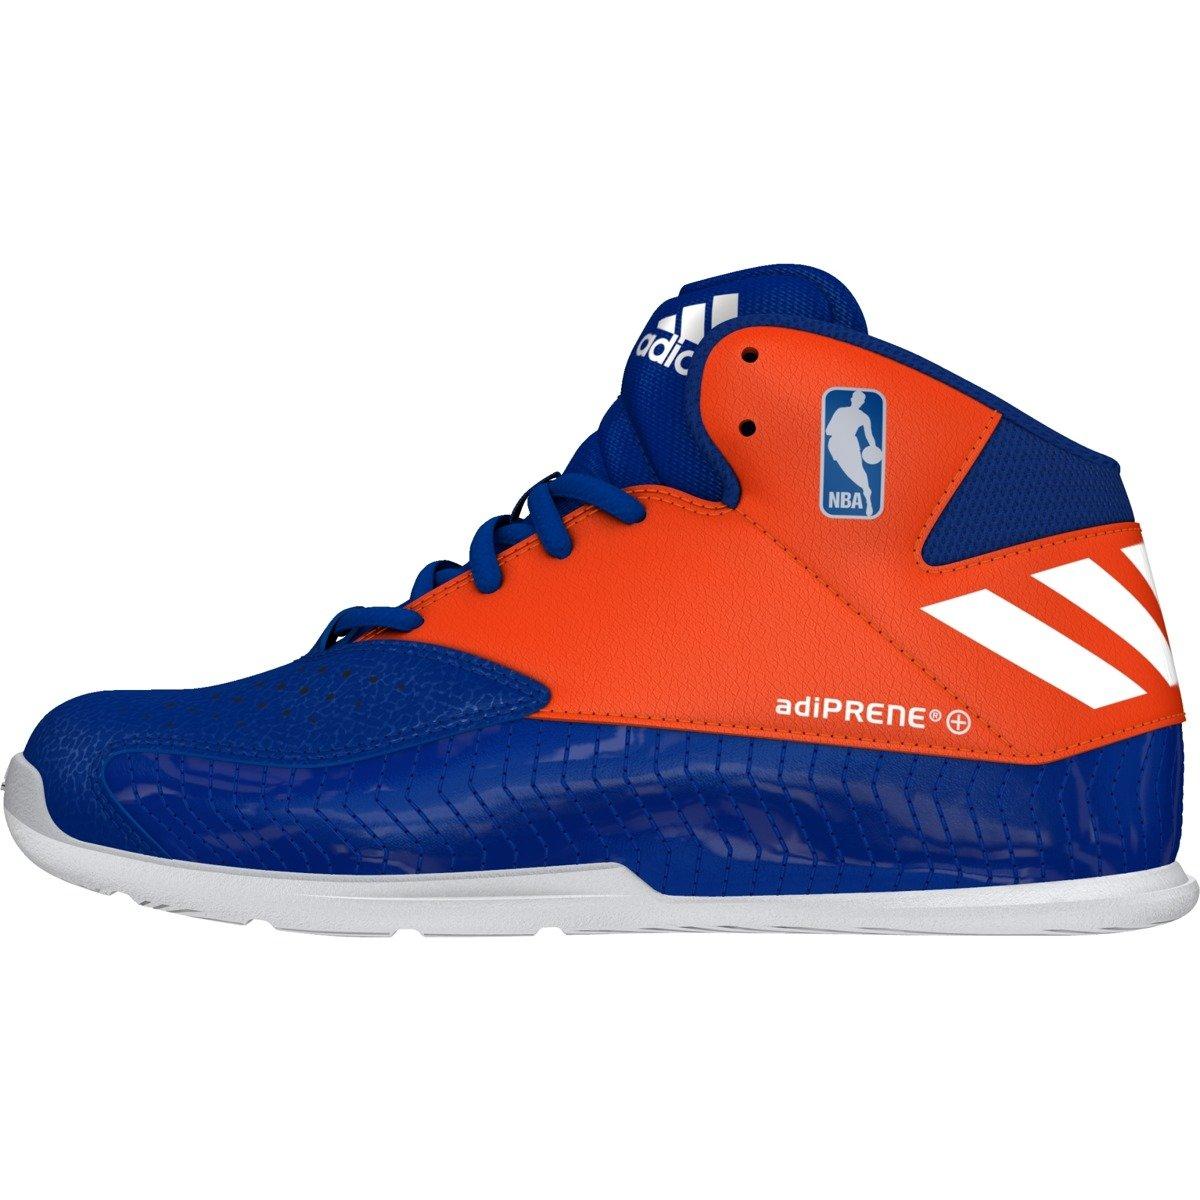 Adidas Next Level Basketball Shoes